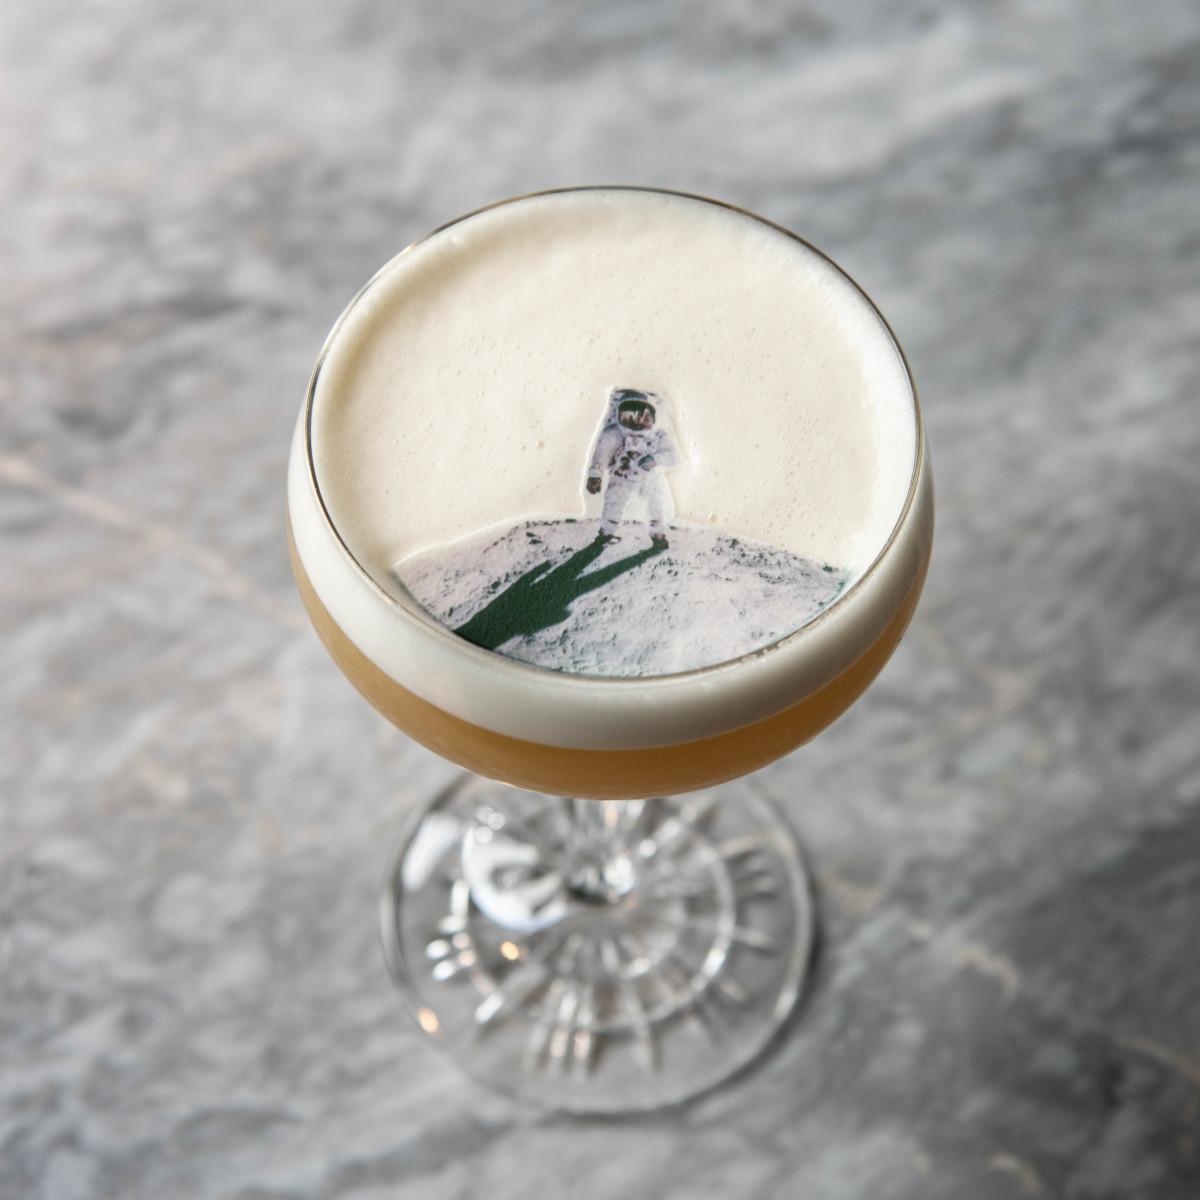 Space City Sour cocktail